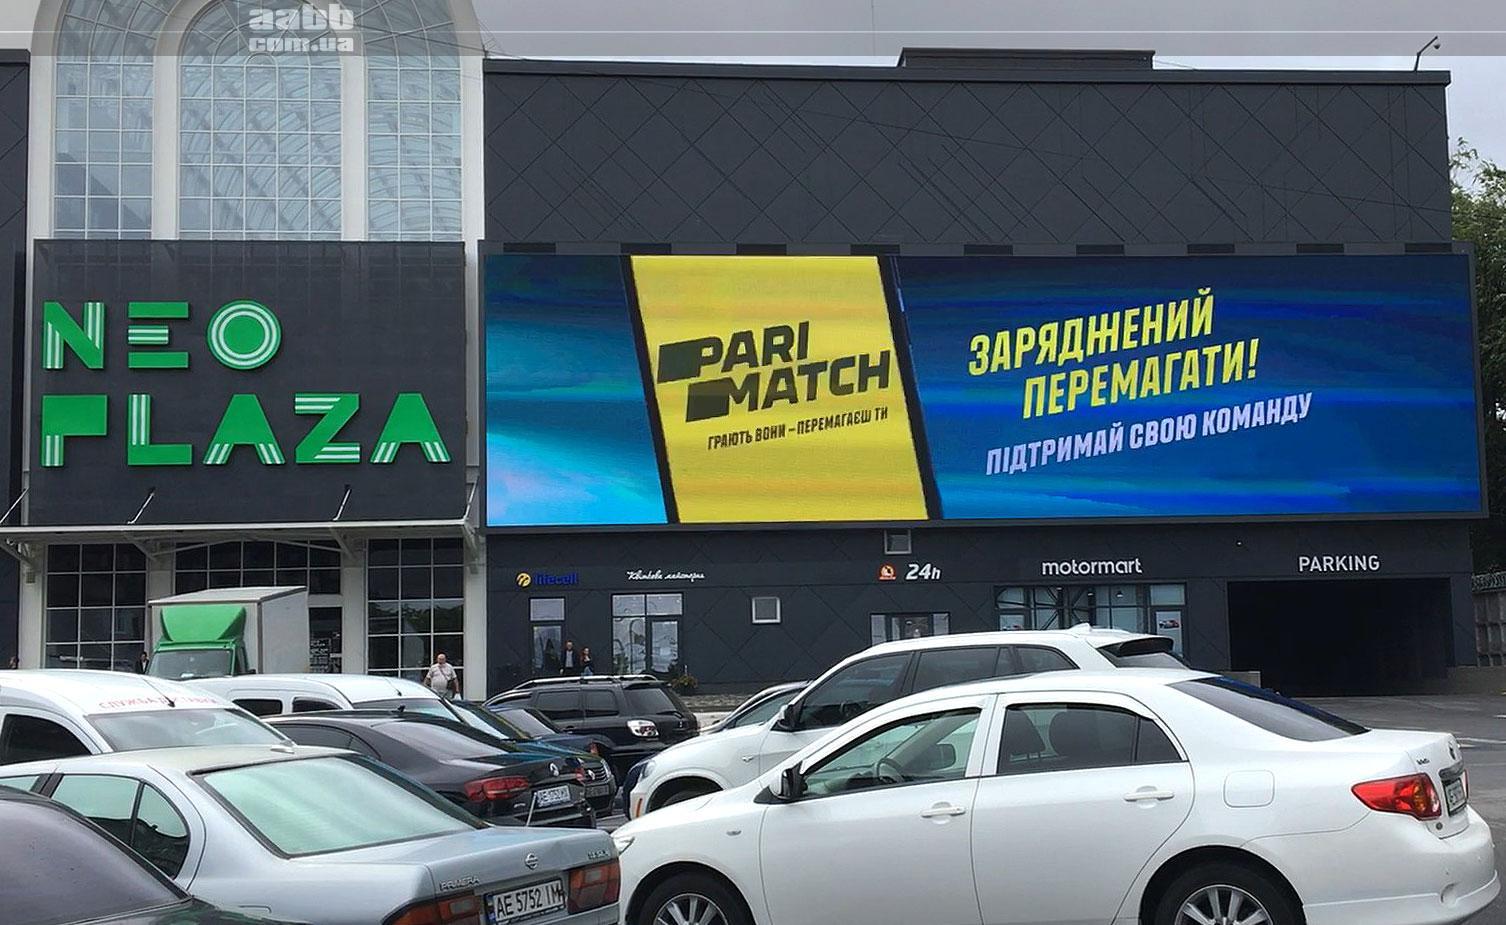 Реклама Parimatch на медіафасаді ТРЦ Нео Плаза